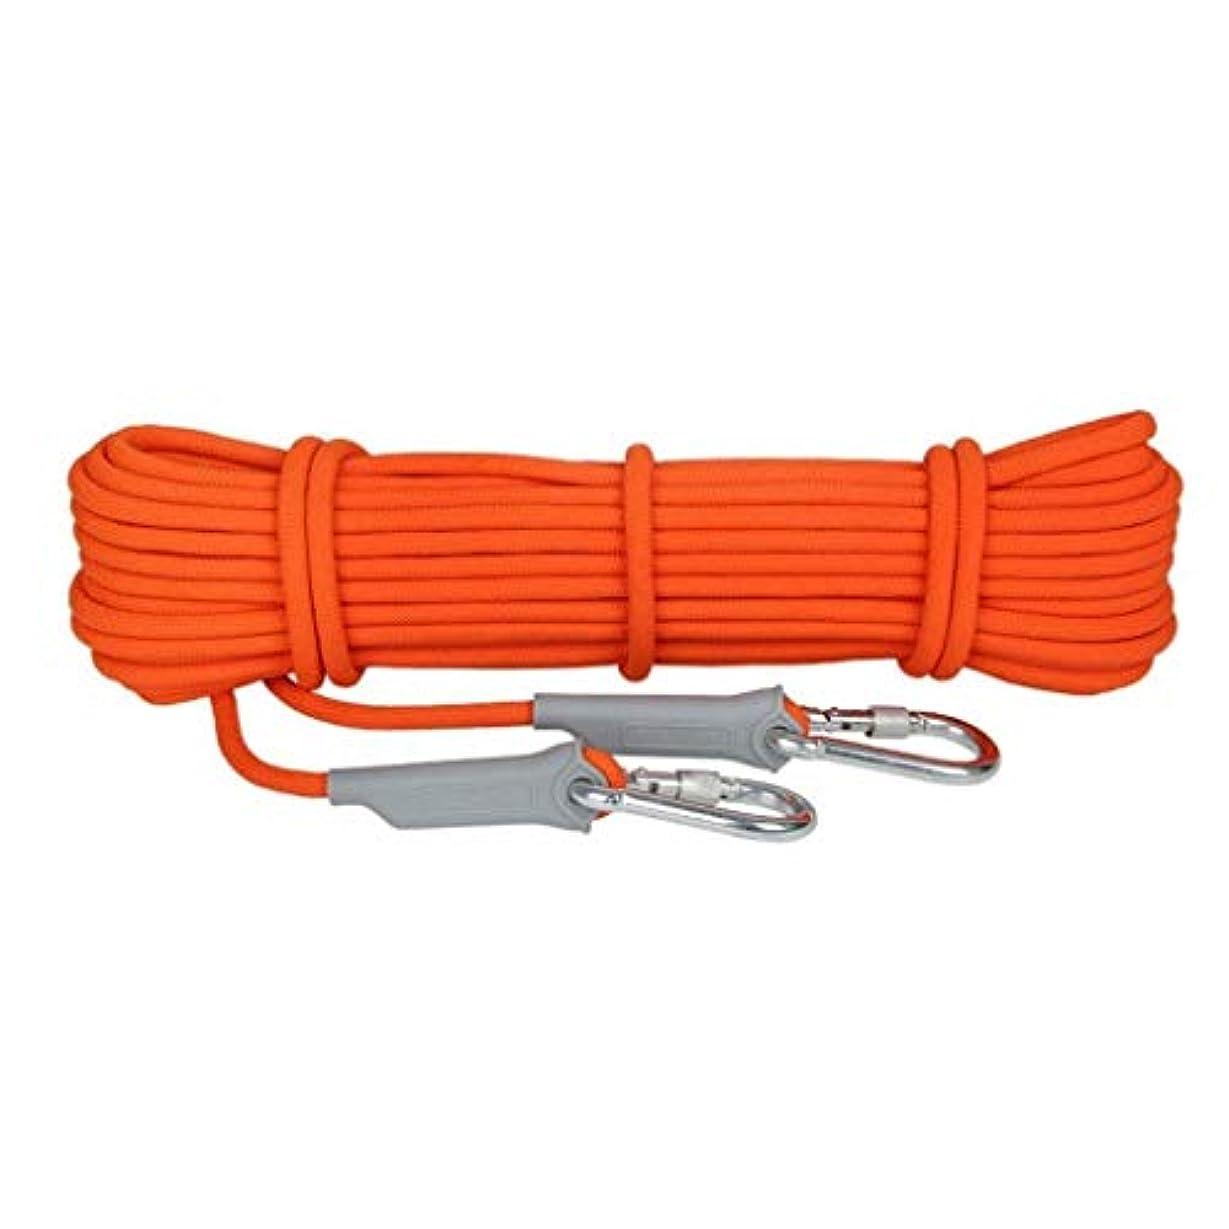 暫定勇気のある猛烈な登山ロープの家の火の緊急脱出ロープ、ハイキングの洞窟探検のキャンプの救助調査および工学保護のための多機能のコードの安全ロープ。 (Color : 8.5mm, Size : 15m)